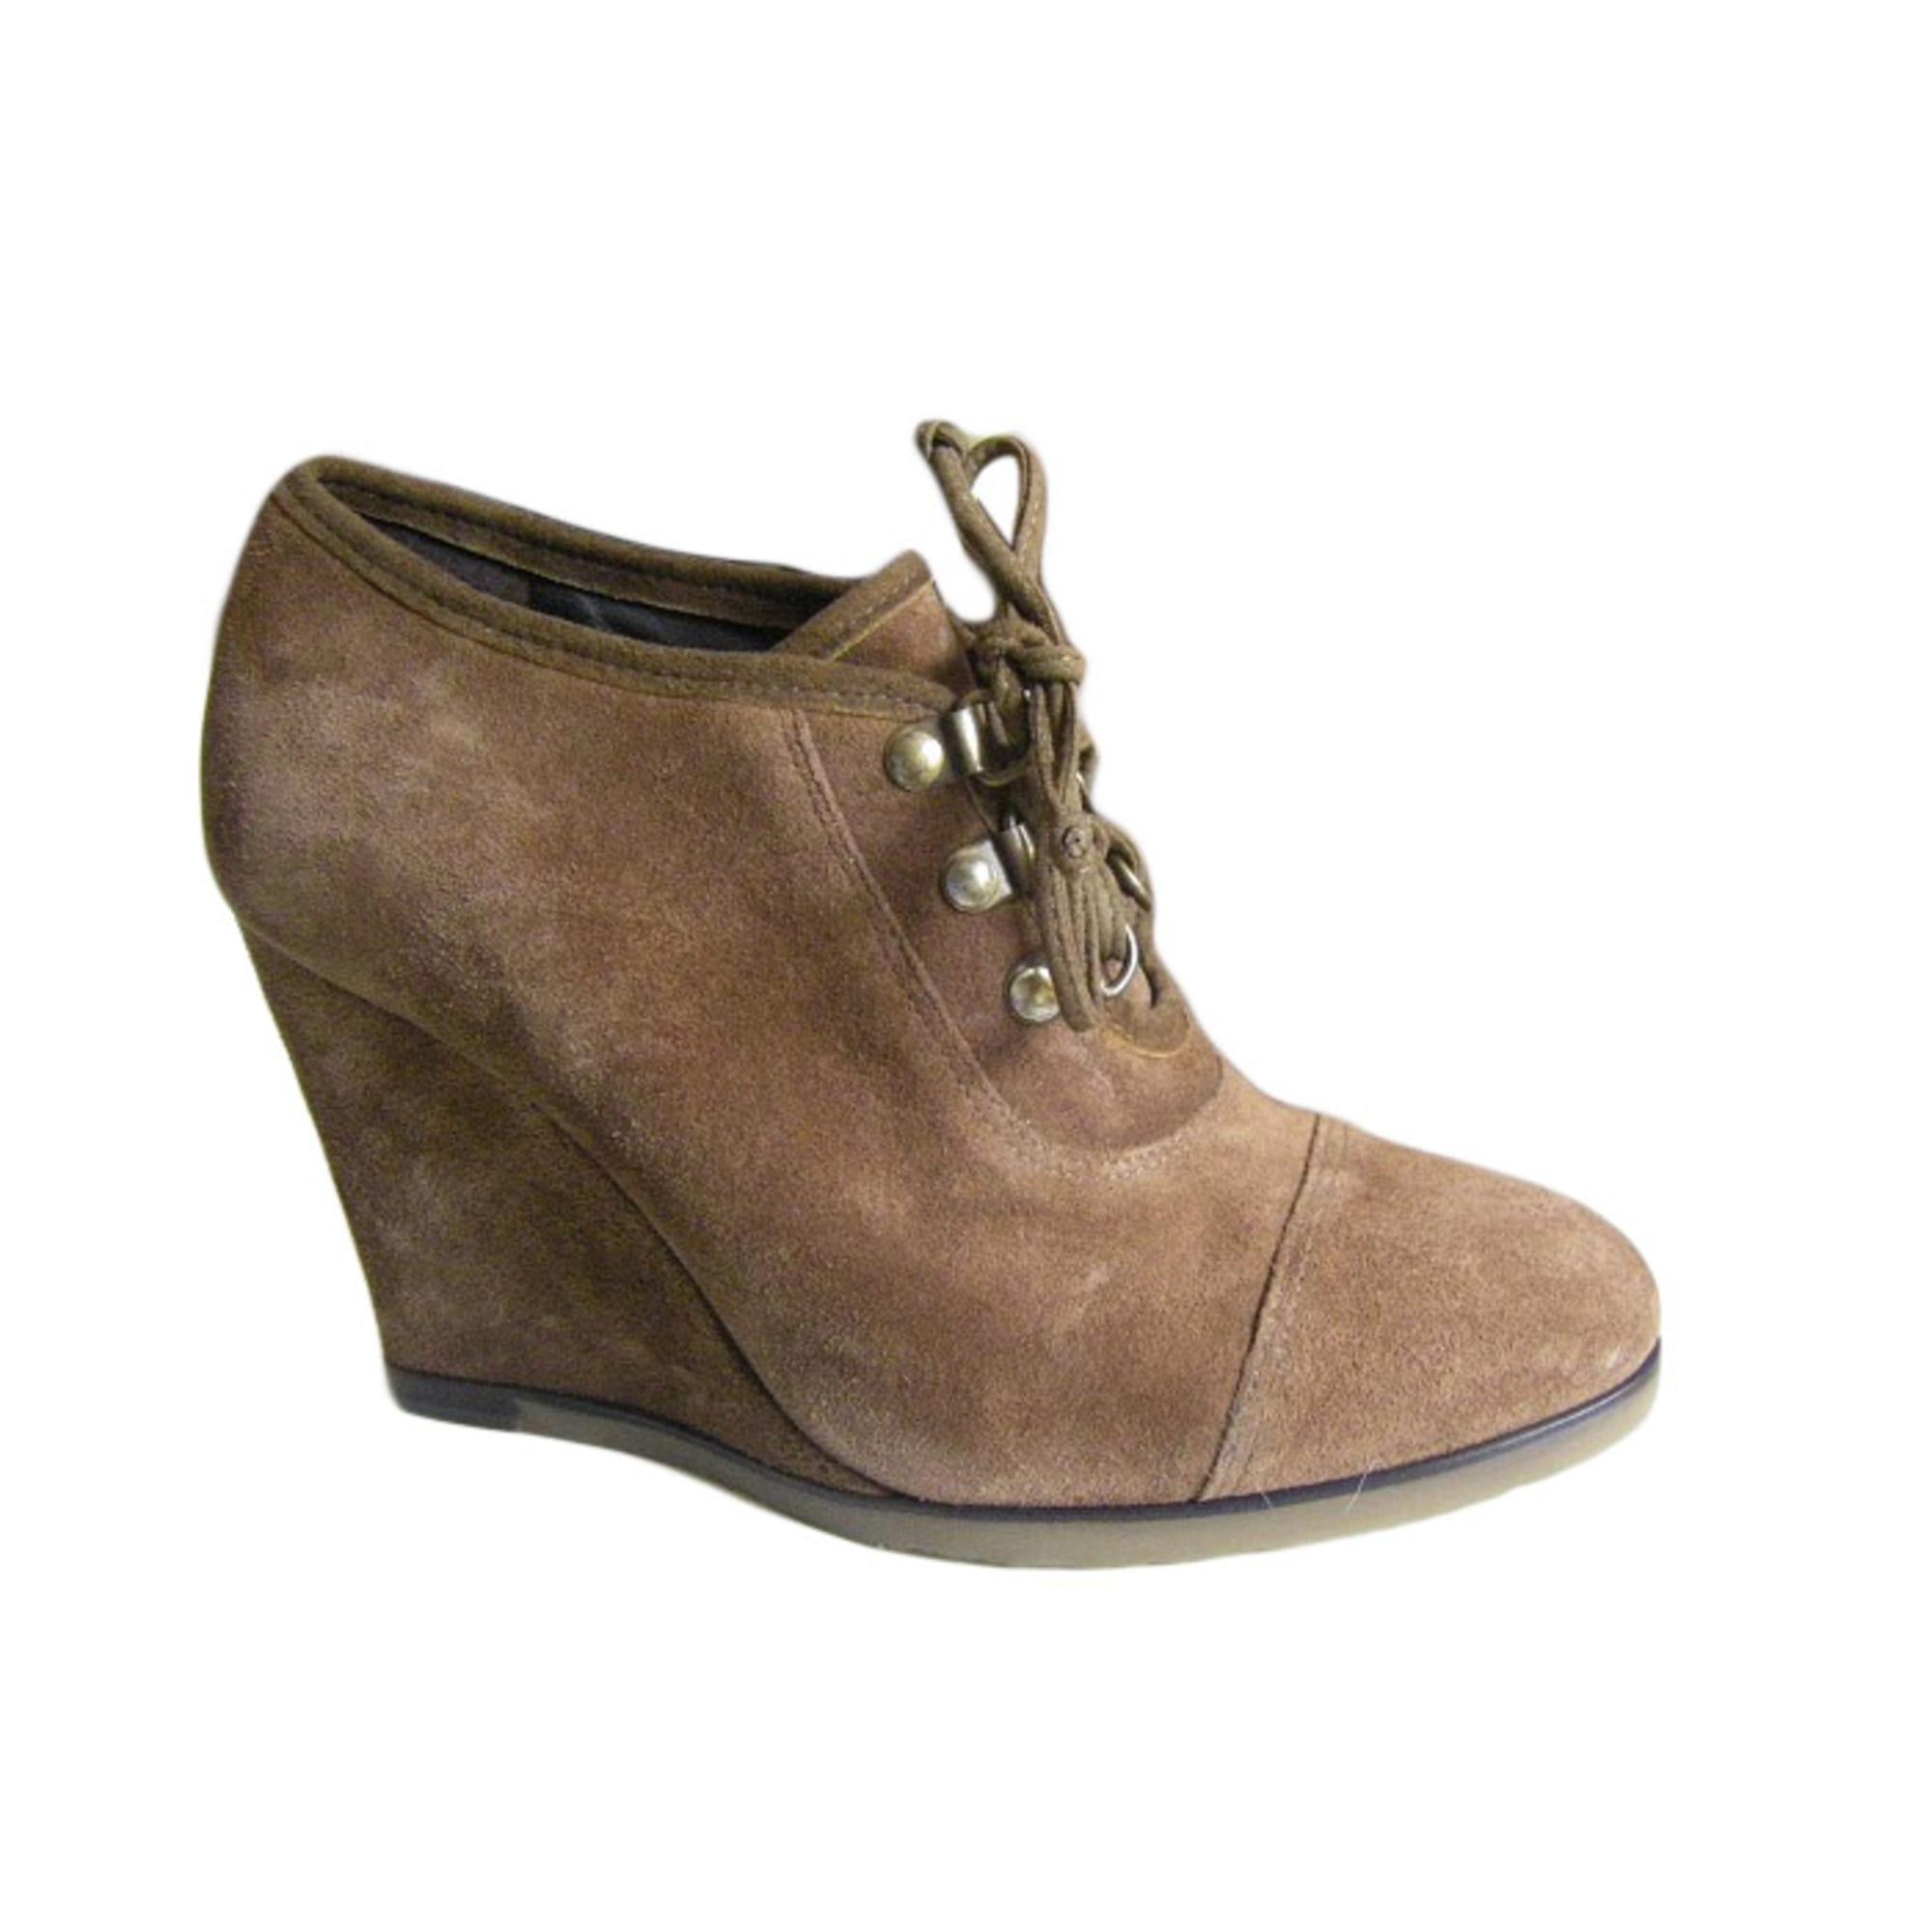 Bottineslow compensés boots boots à compensés à Bottineslow 3j4ALSqcR5